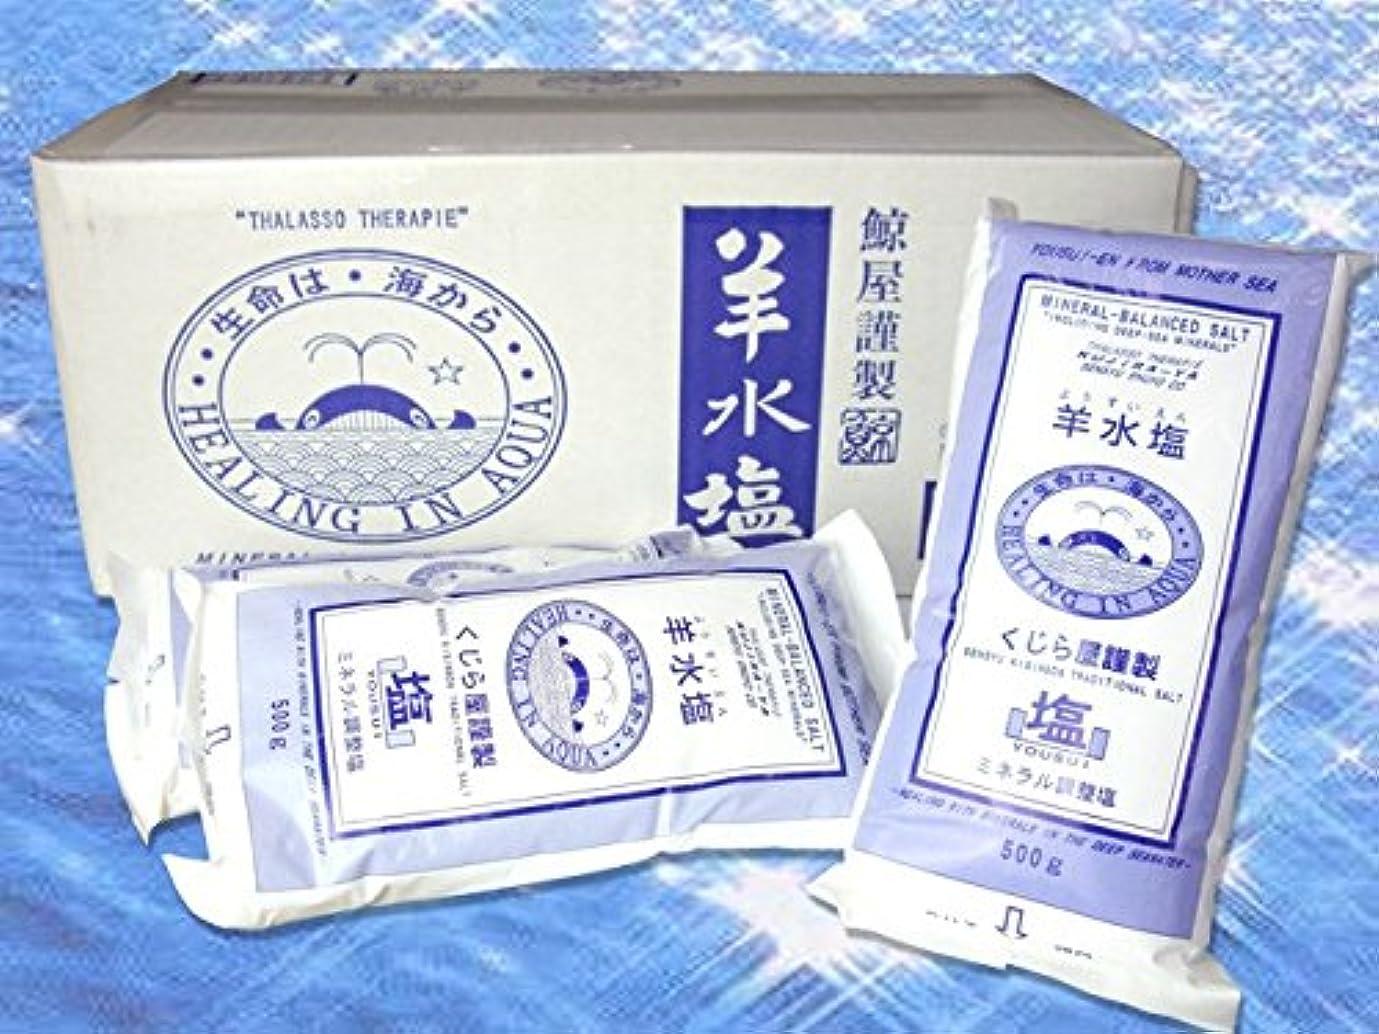 美容 入浴剤 羊水塩 500g×20袋 ミネラルや海洋深層水イオン等を人体液と同様に配合 ミネラル調整塩